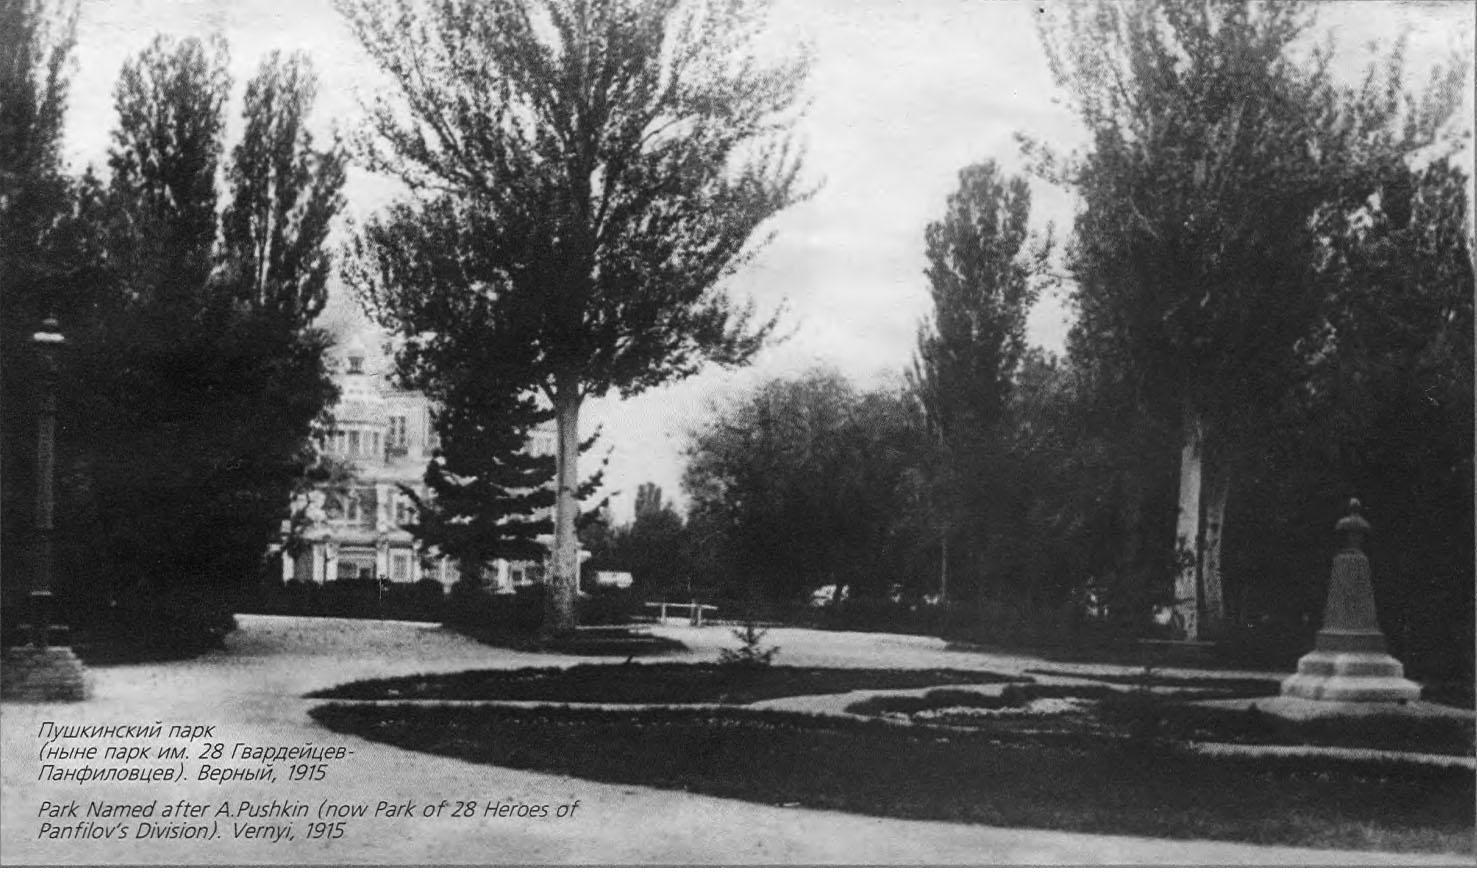 Пушкинский парк